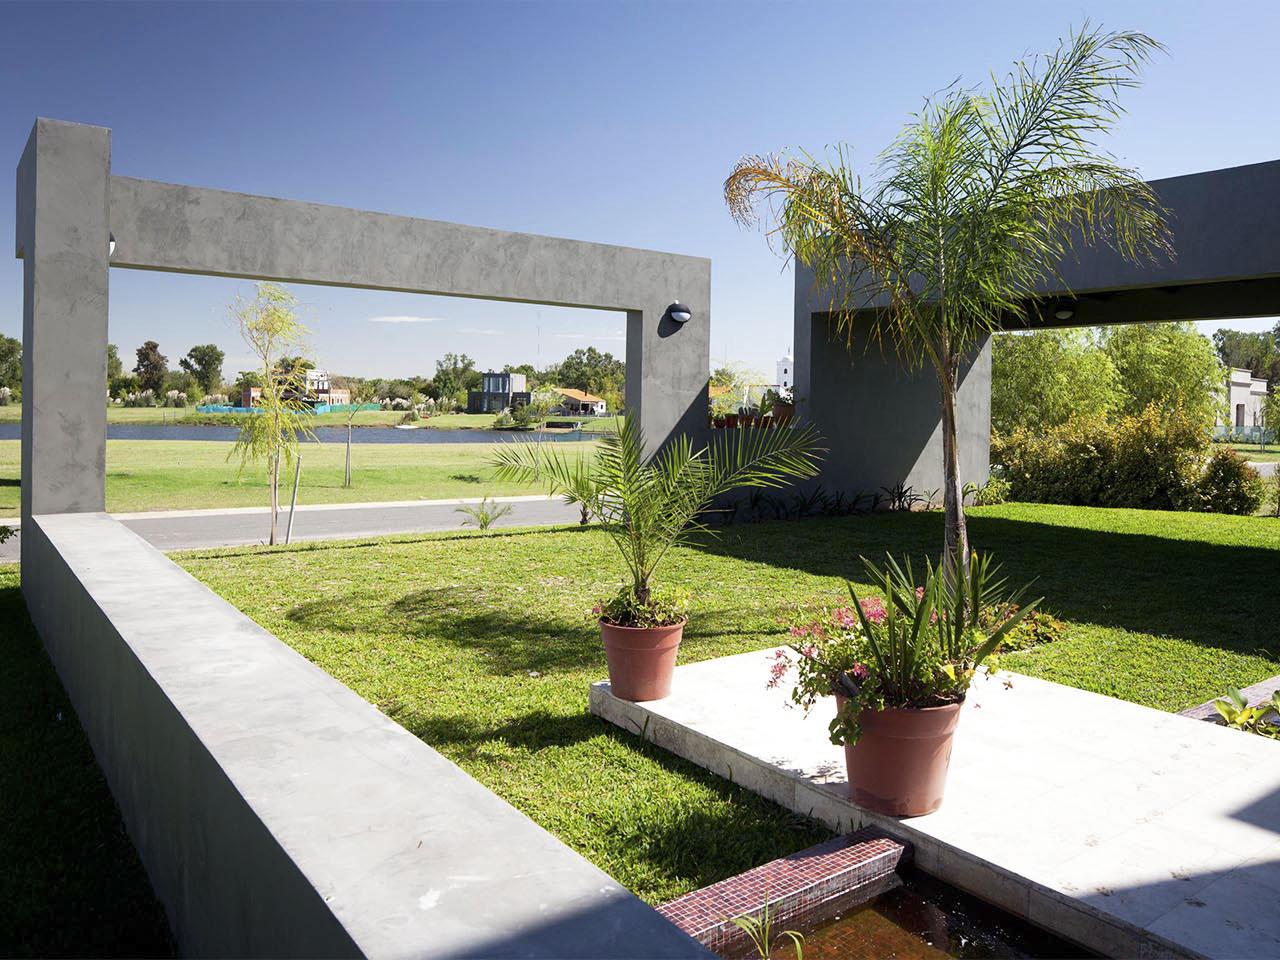 Cinta de hormigón, casas con grandes visuales, arquitectura y paisaje